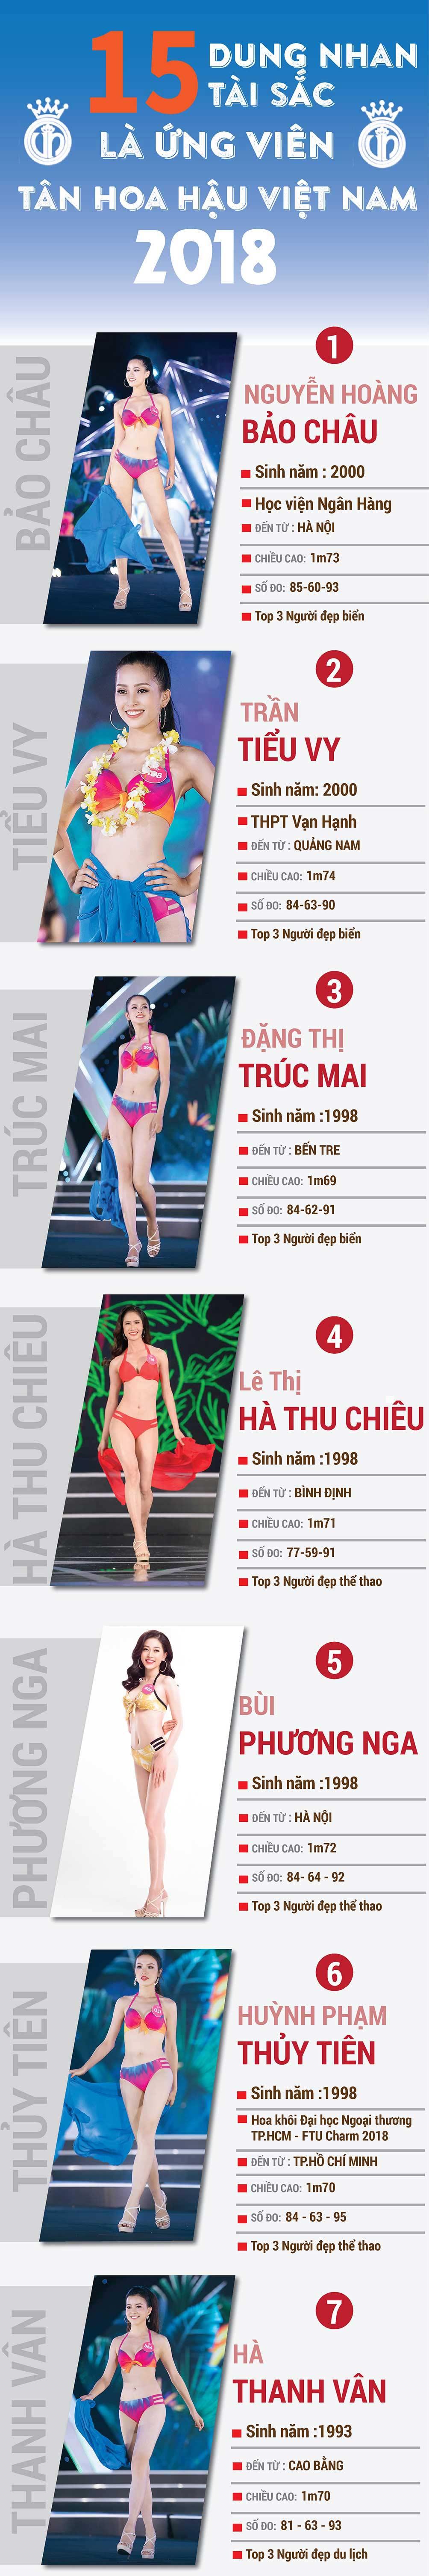 15 cô gái tiềm năng nhất Hoa hậu Việt Nam 2018 - 1